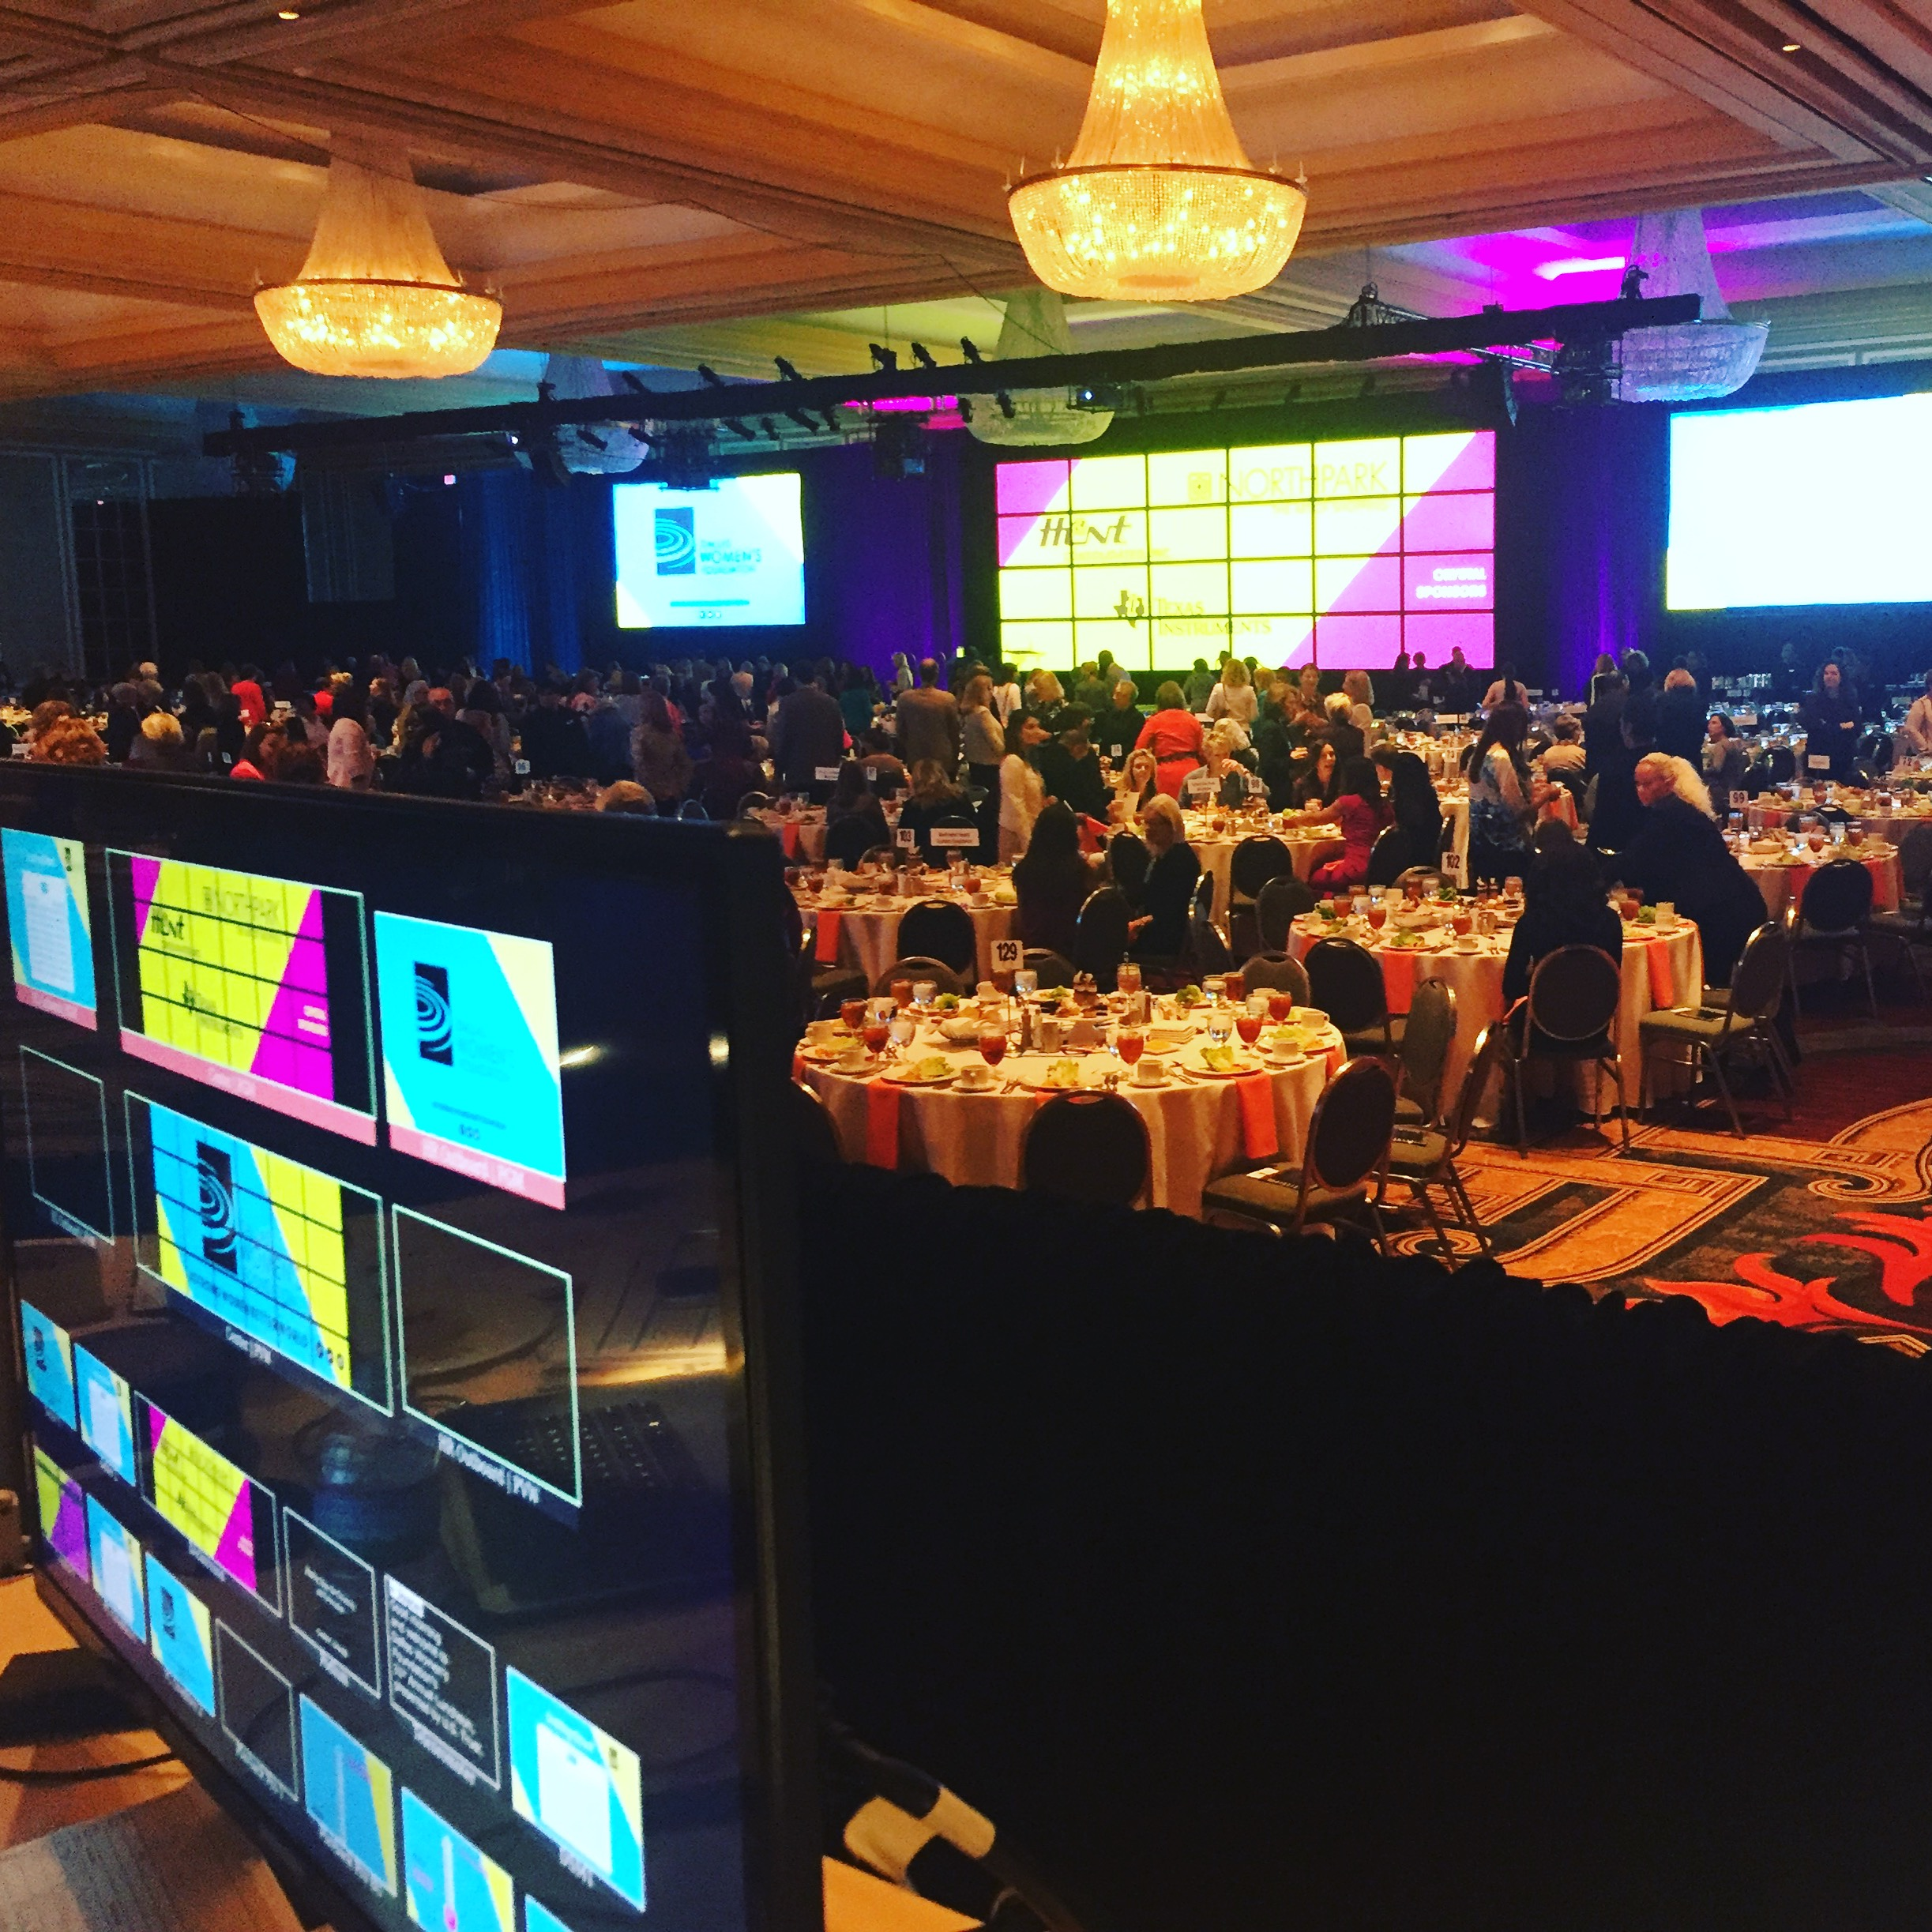 Dallas Women's Foundation Luncheon, Photo courtesy of Public City.